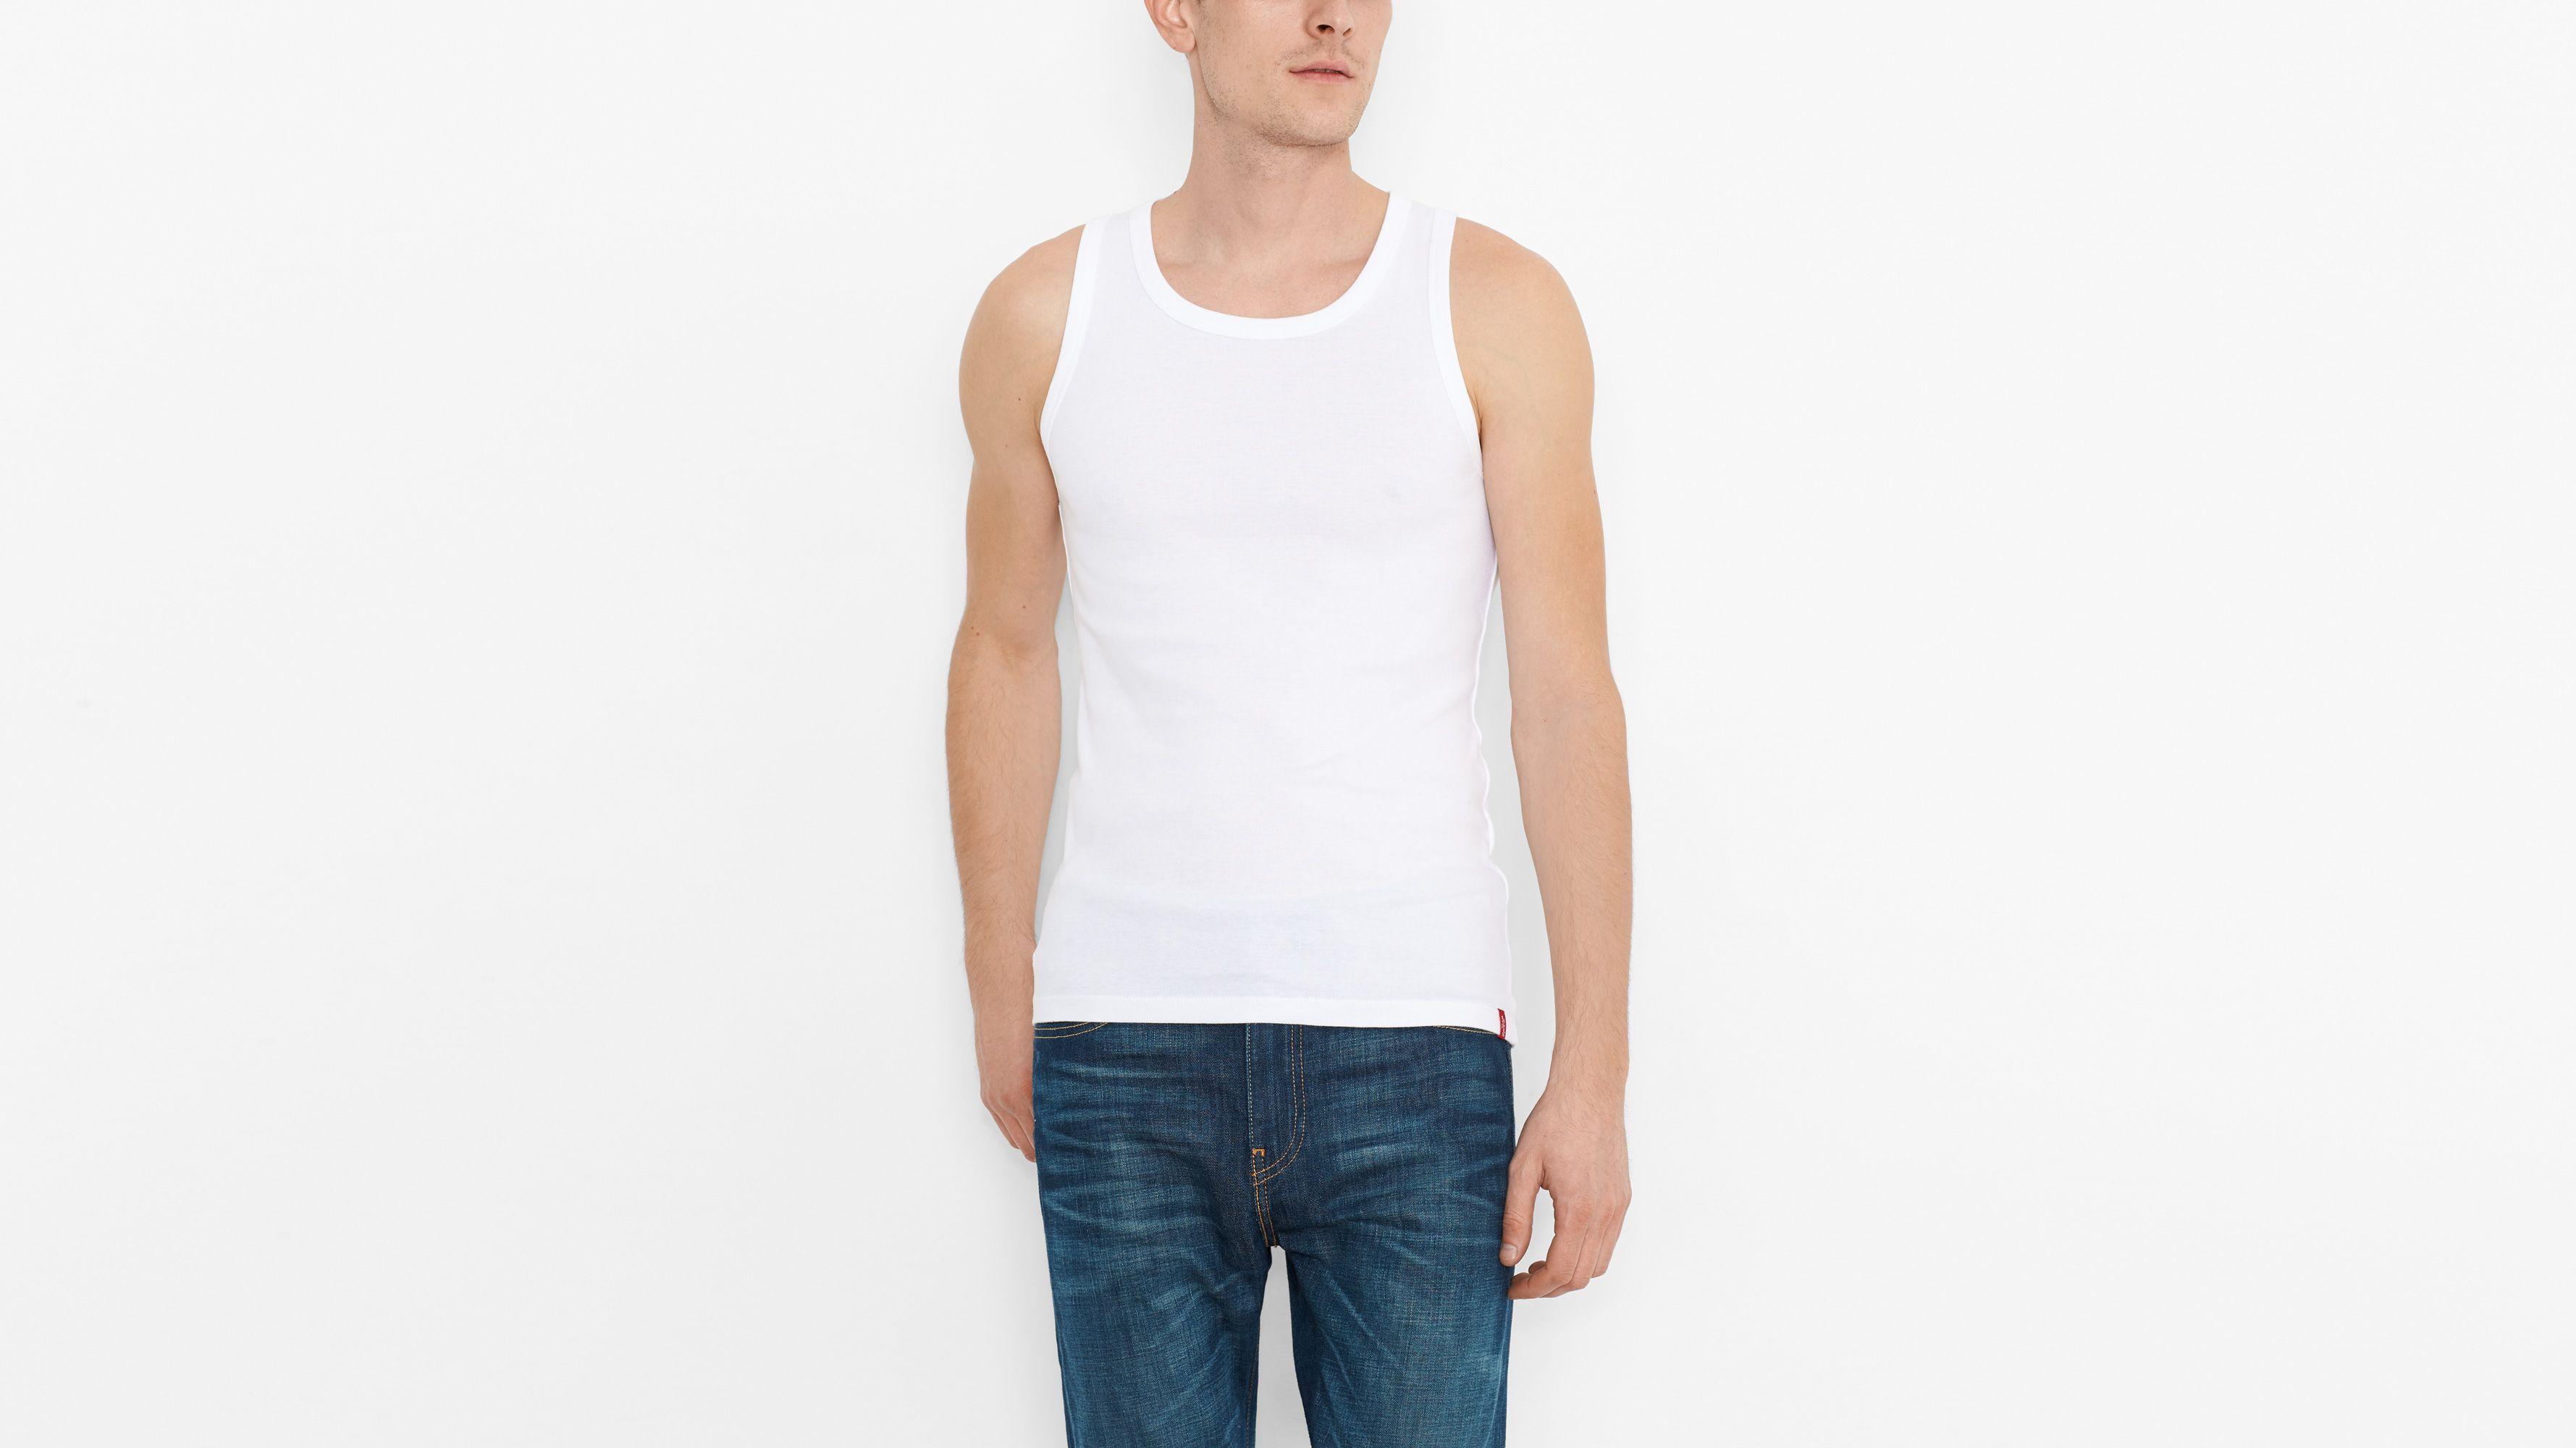 Slim Fit Tanks (2-pack) - White & White